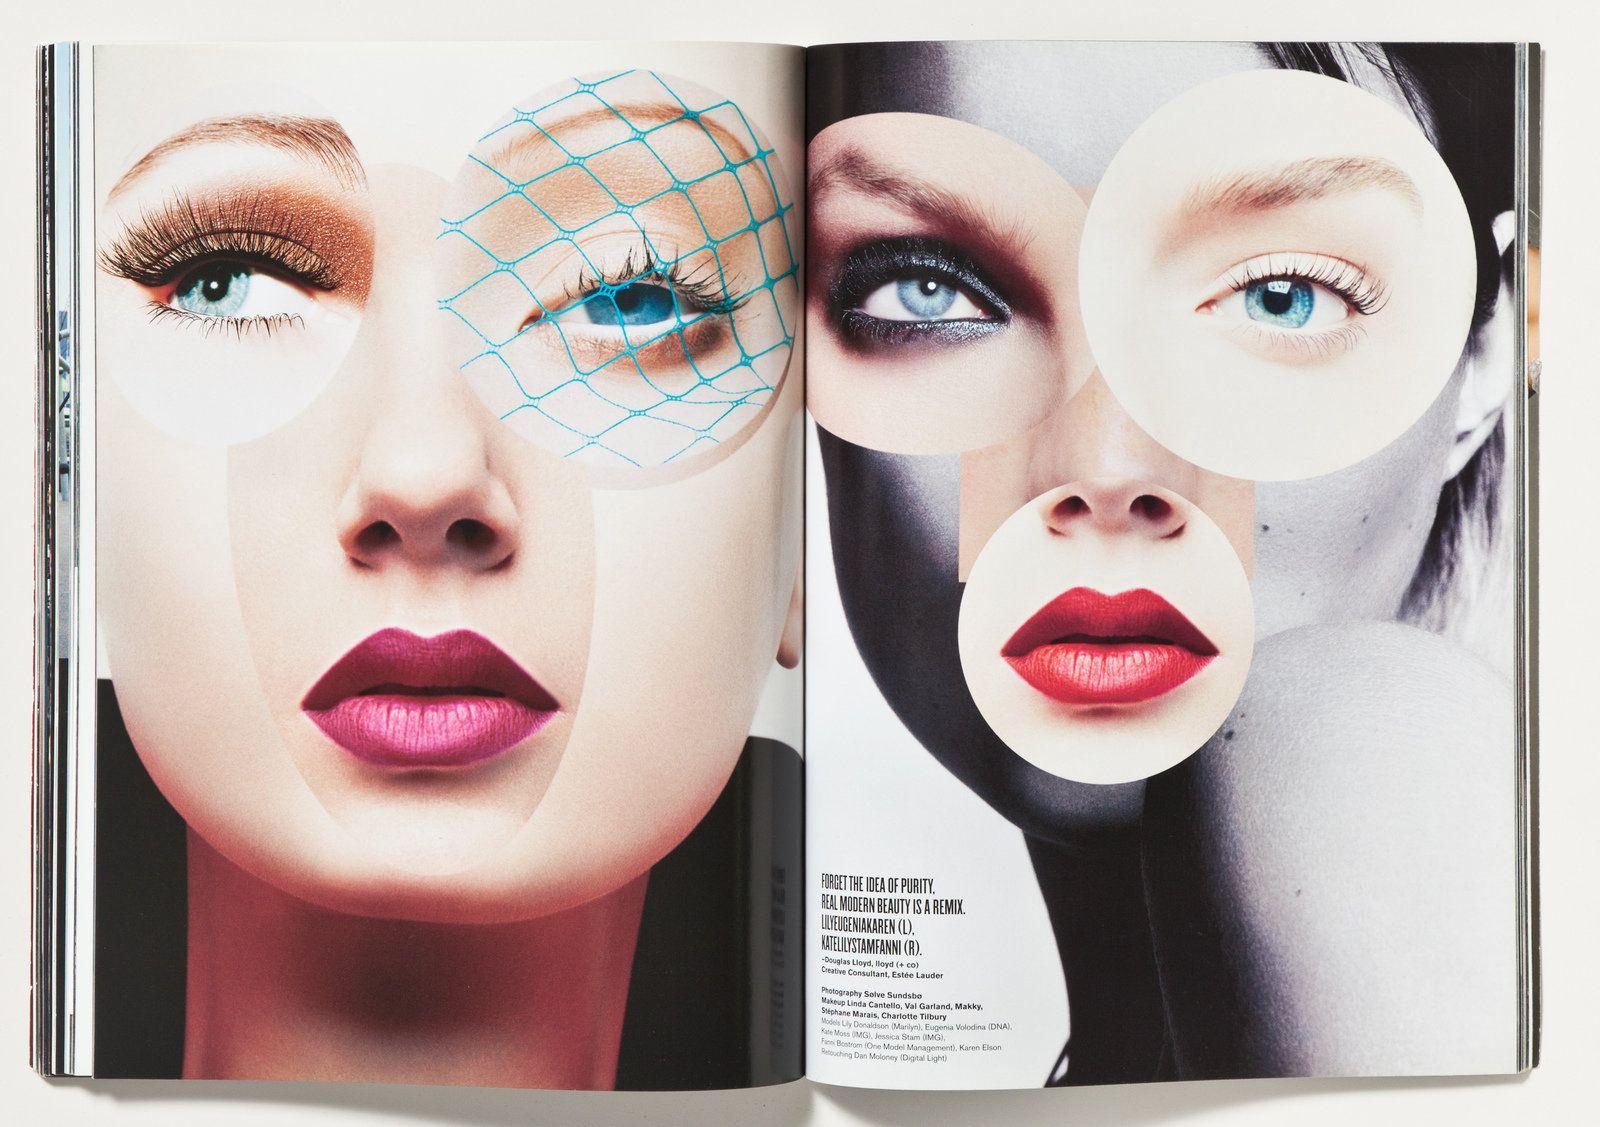 make-up by stephane marais for v magazine 2006